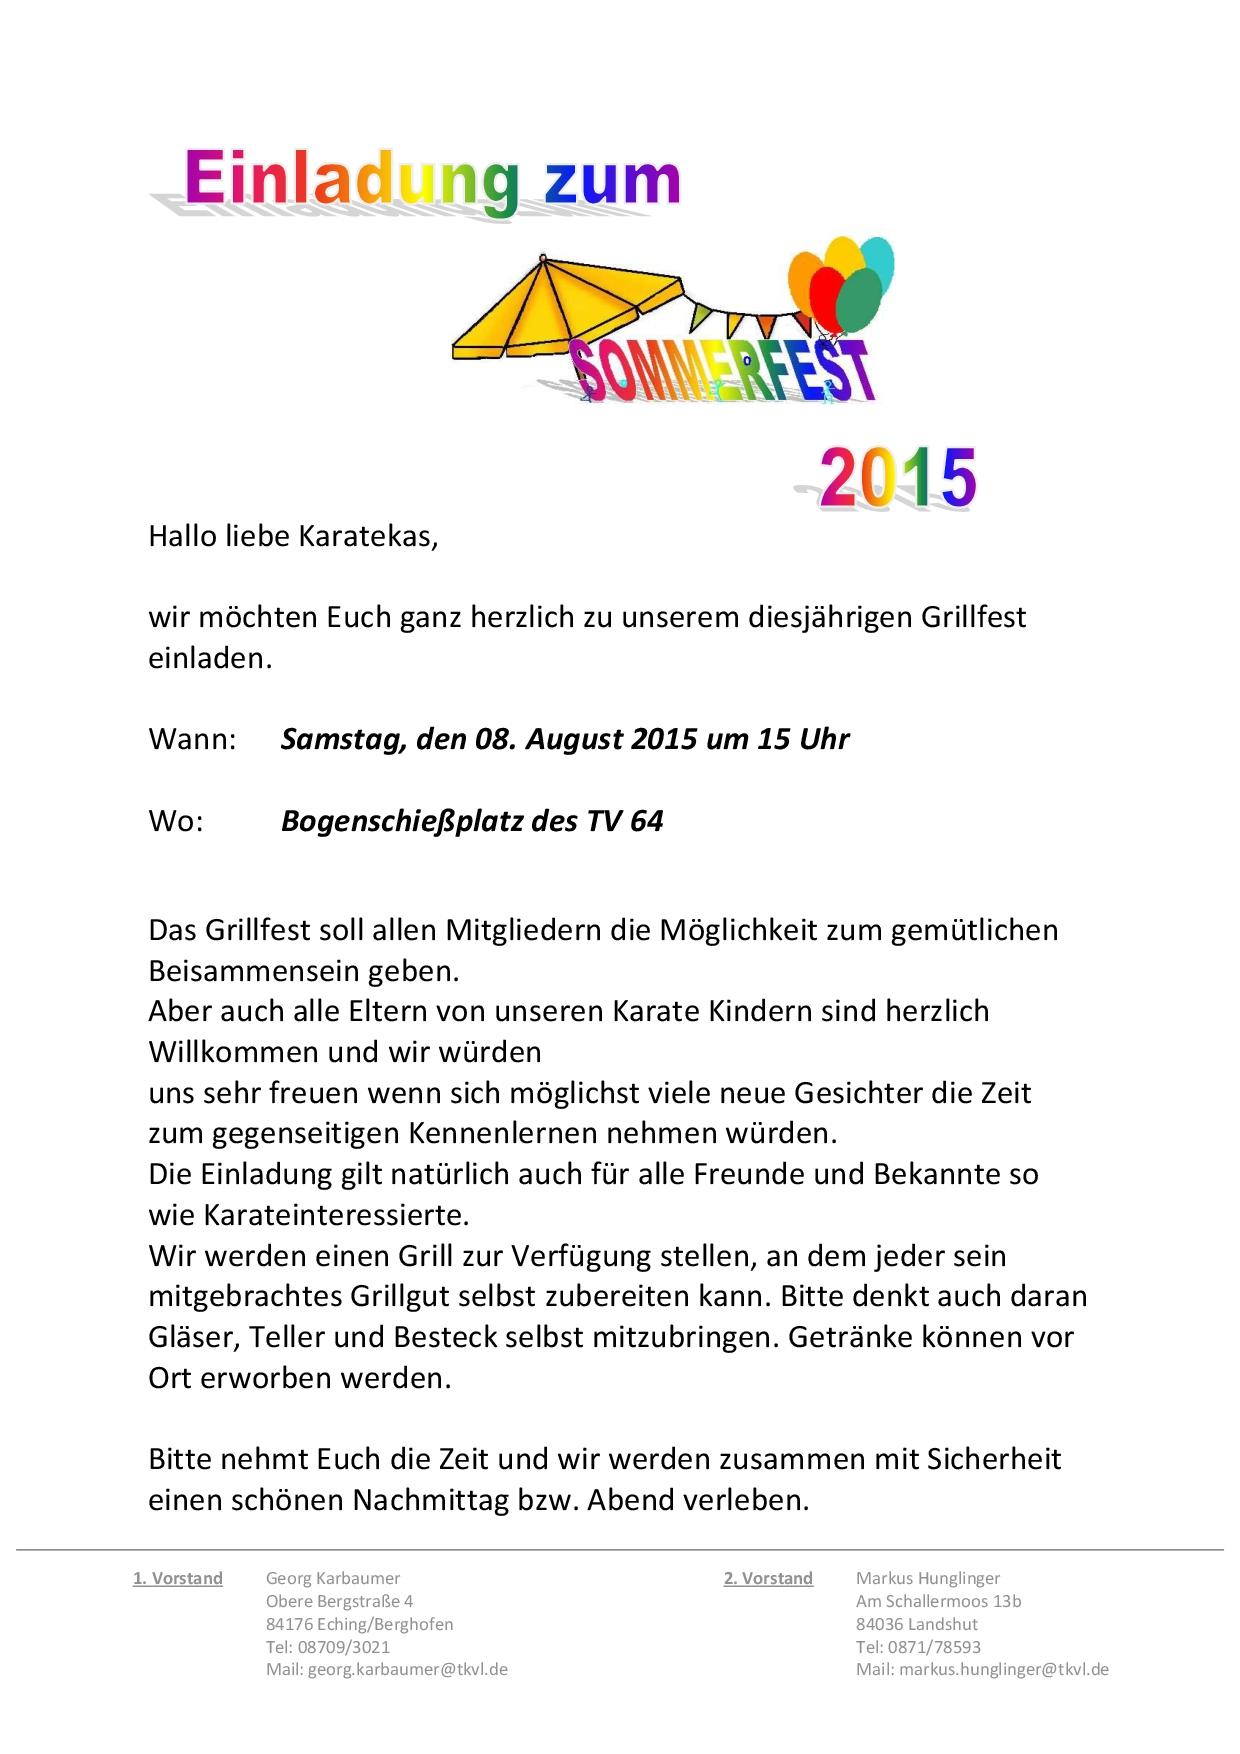 Einladung Zum Sommerfest Tkvl Traditionelles Karate In Landshut